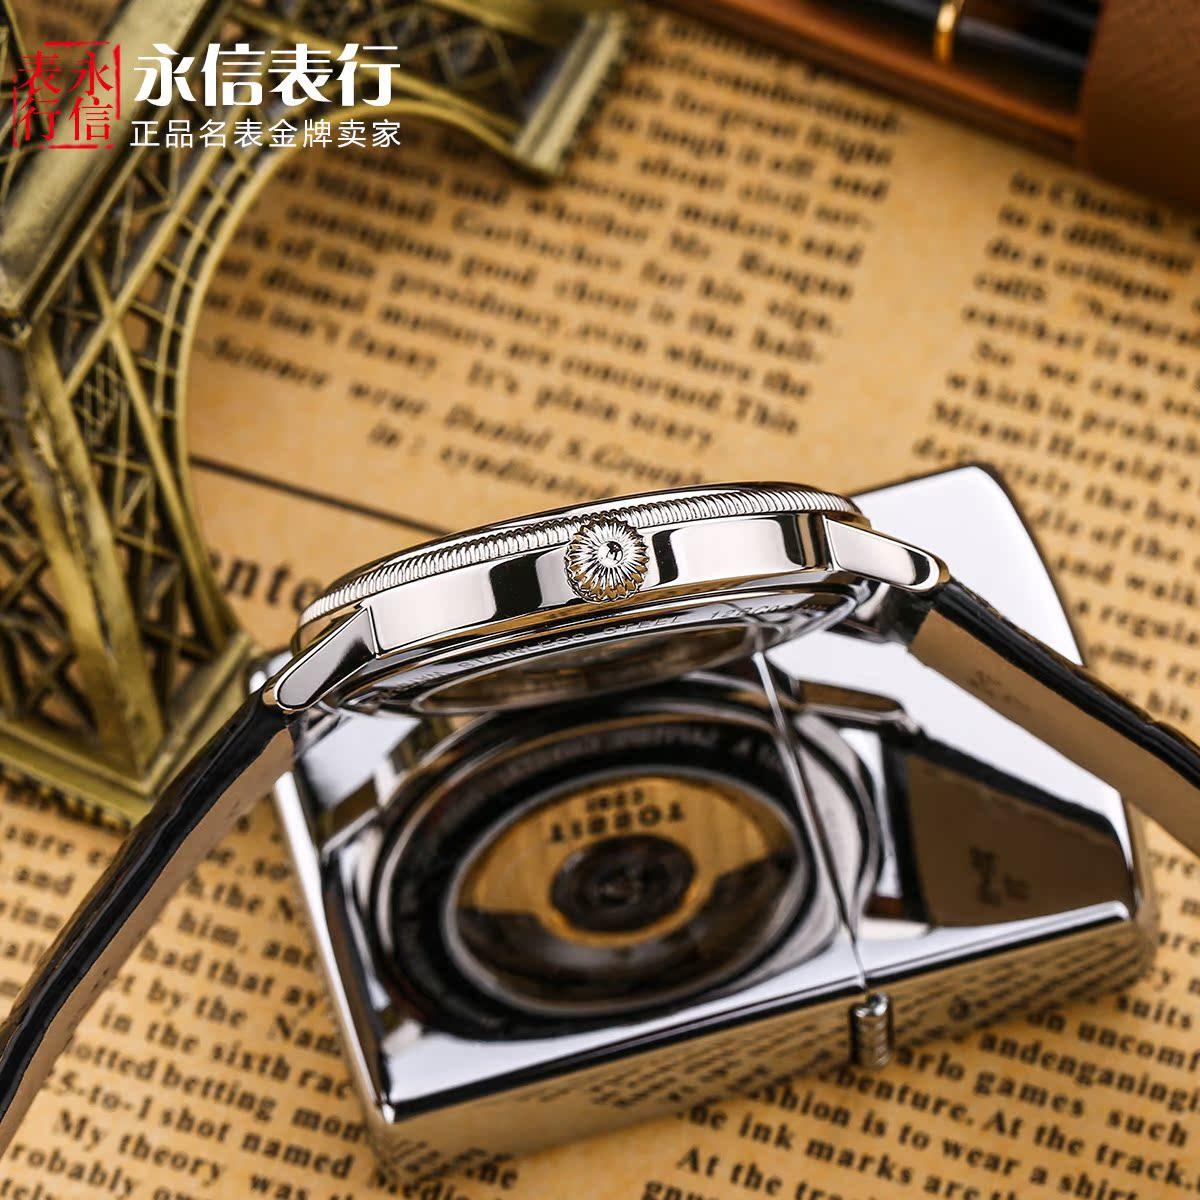 Швейцарские наручные часы Tissot  T045.407.16.053.00 2892